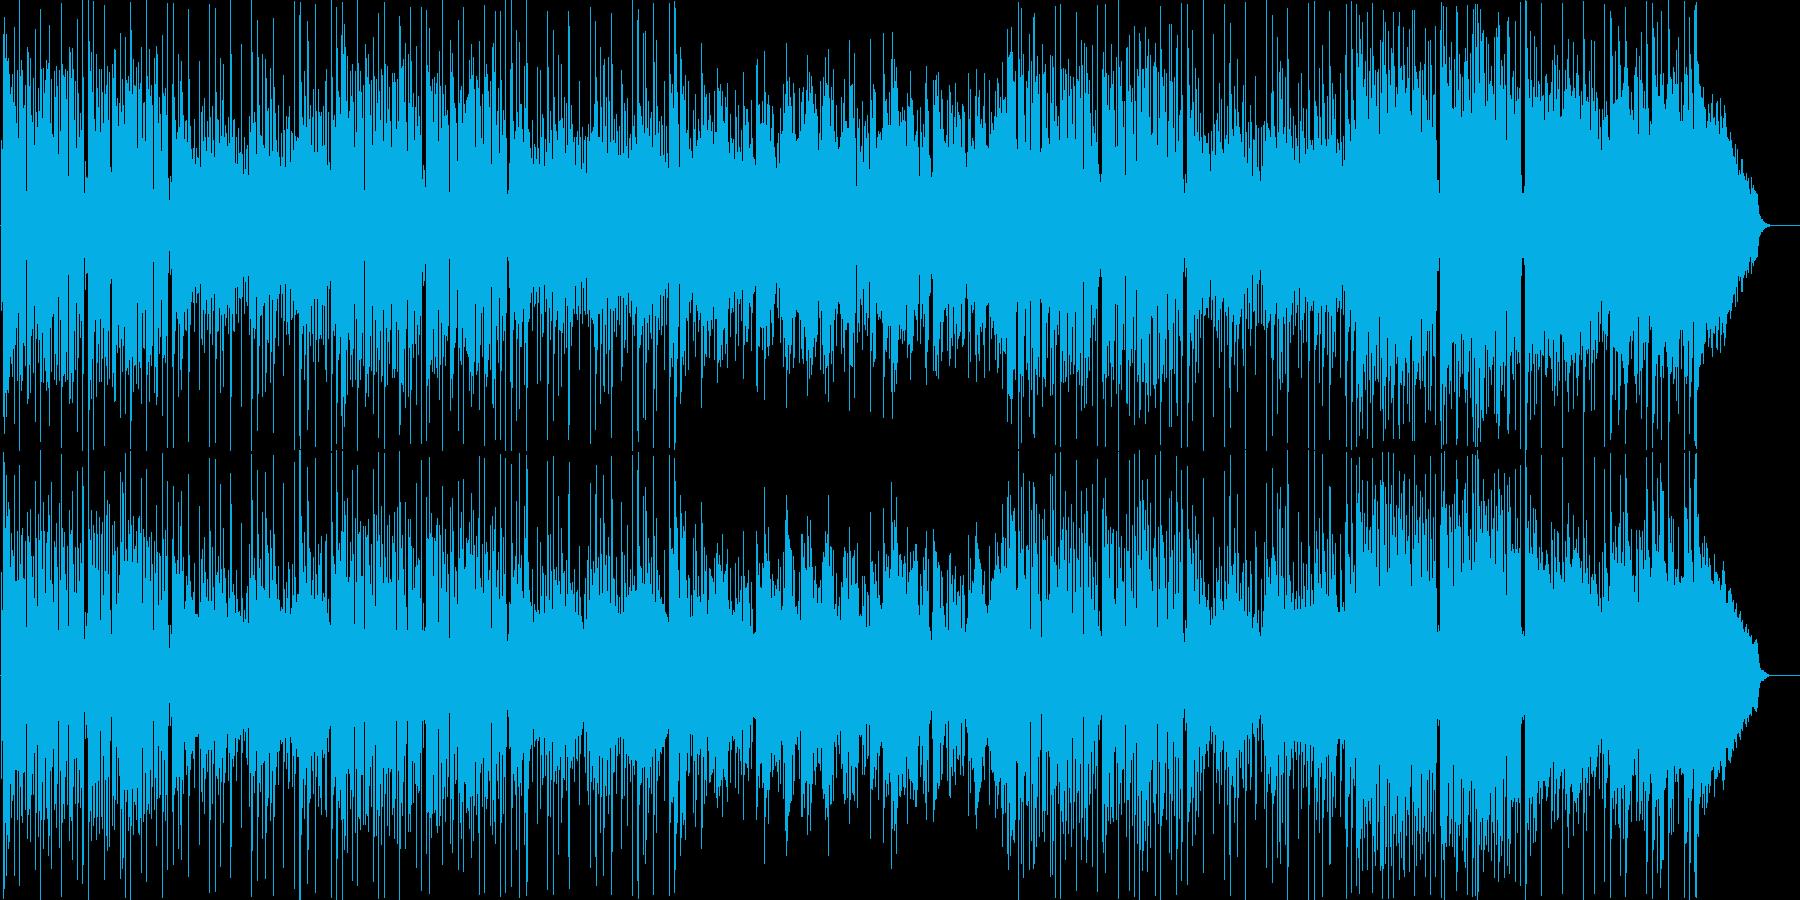 三味線によるほのぼのした和風ポップの再生済みの波形